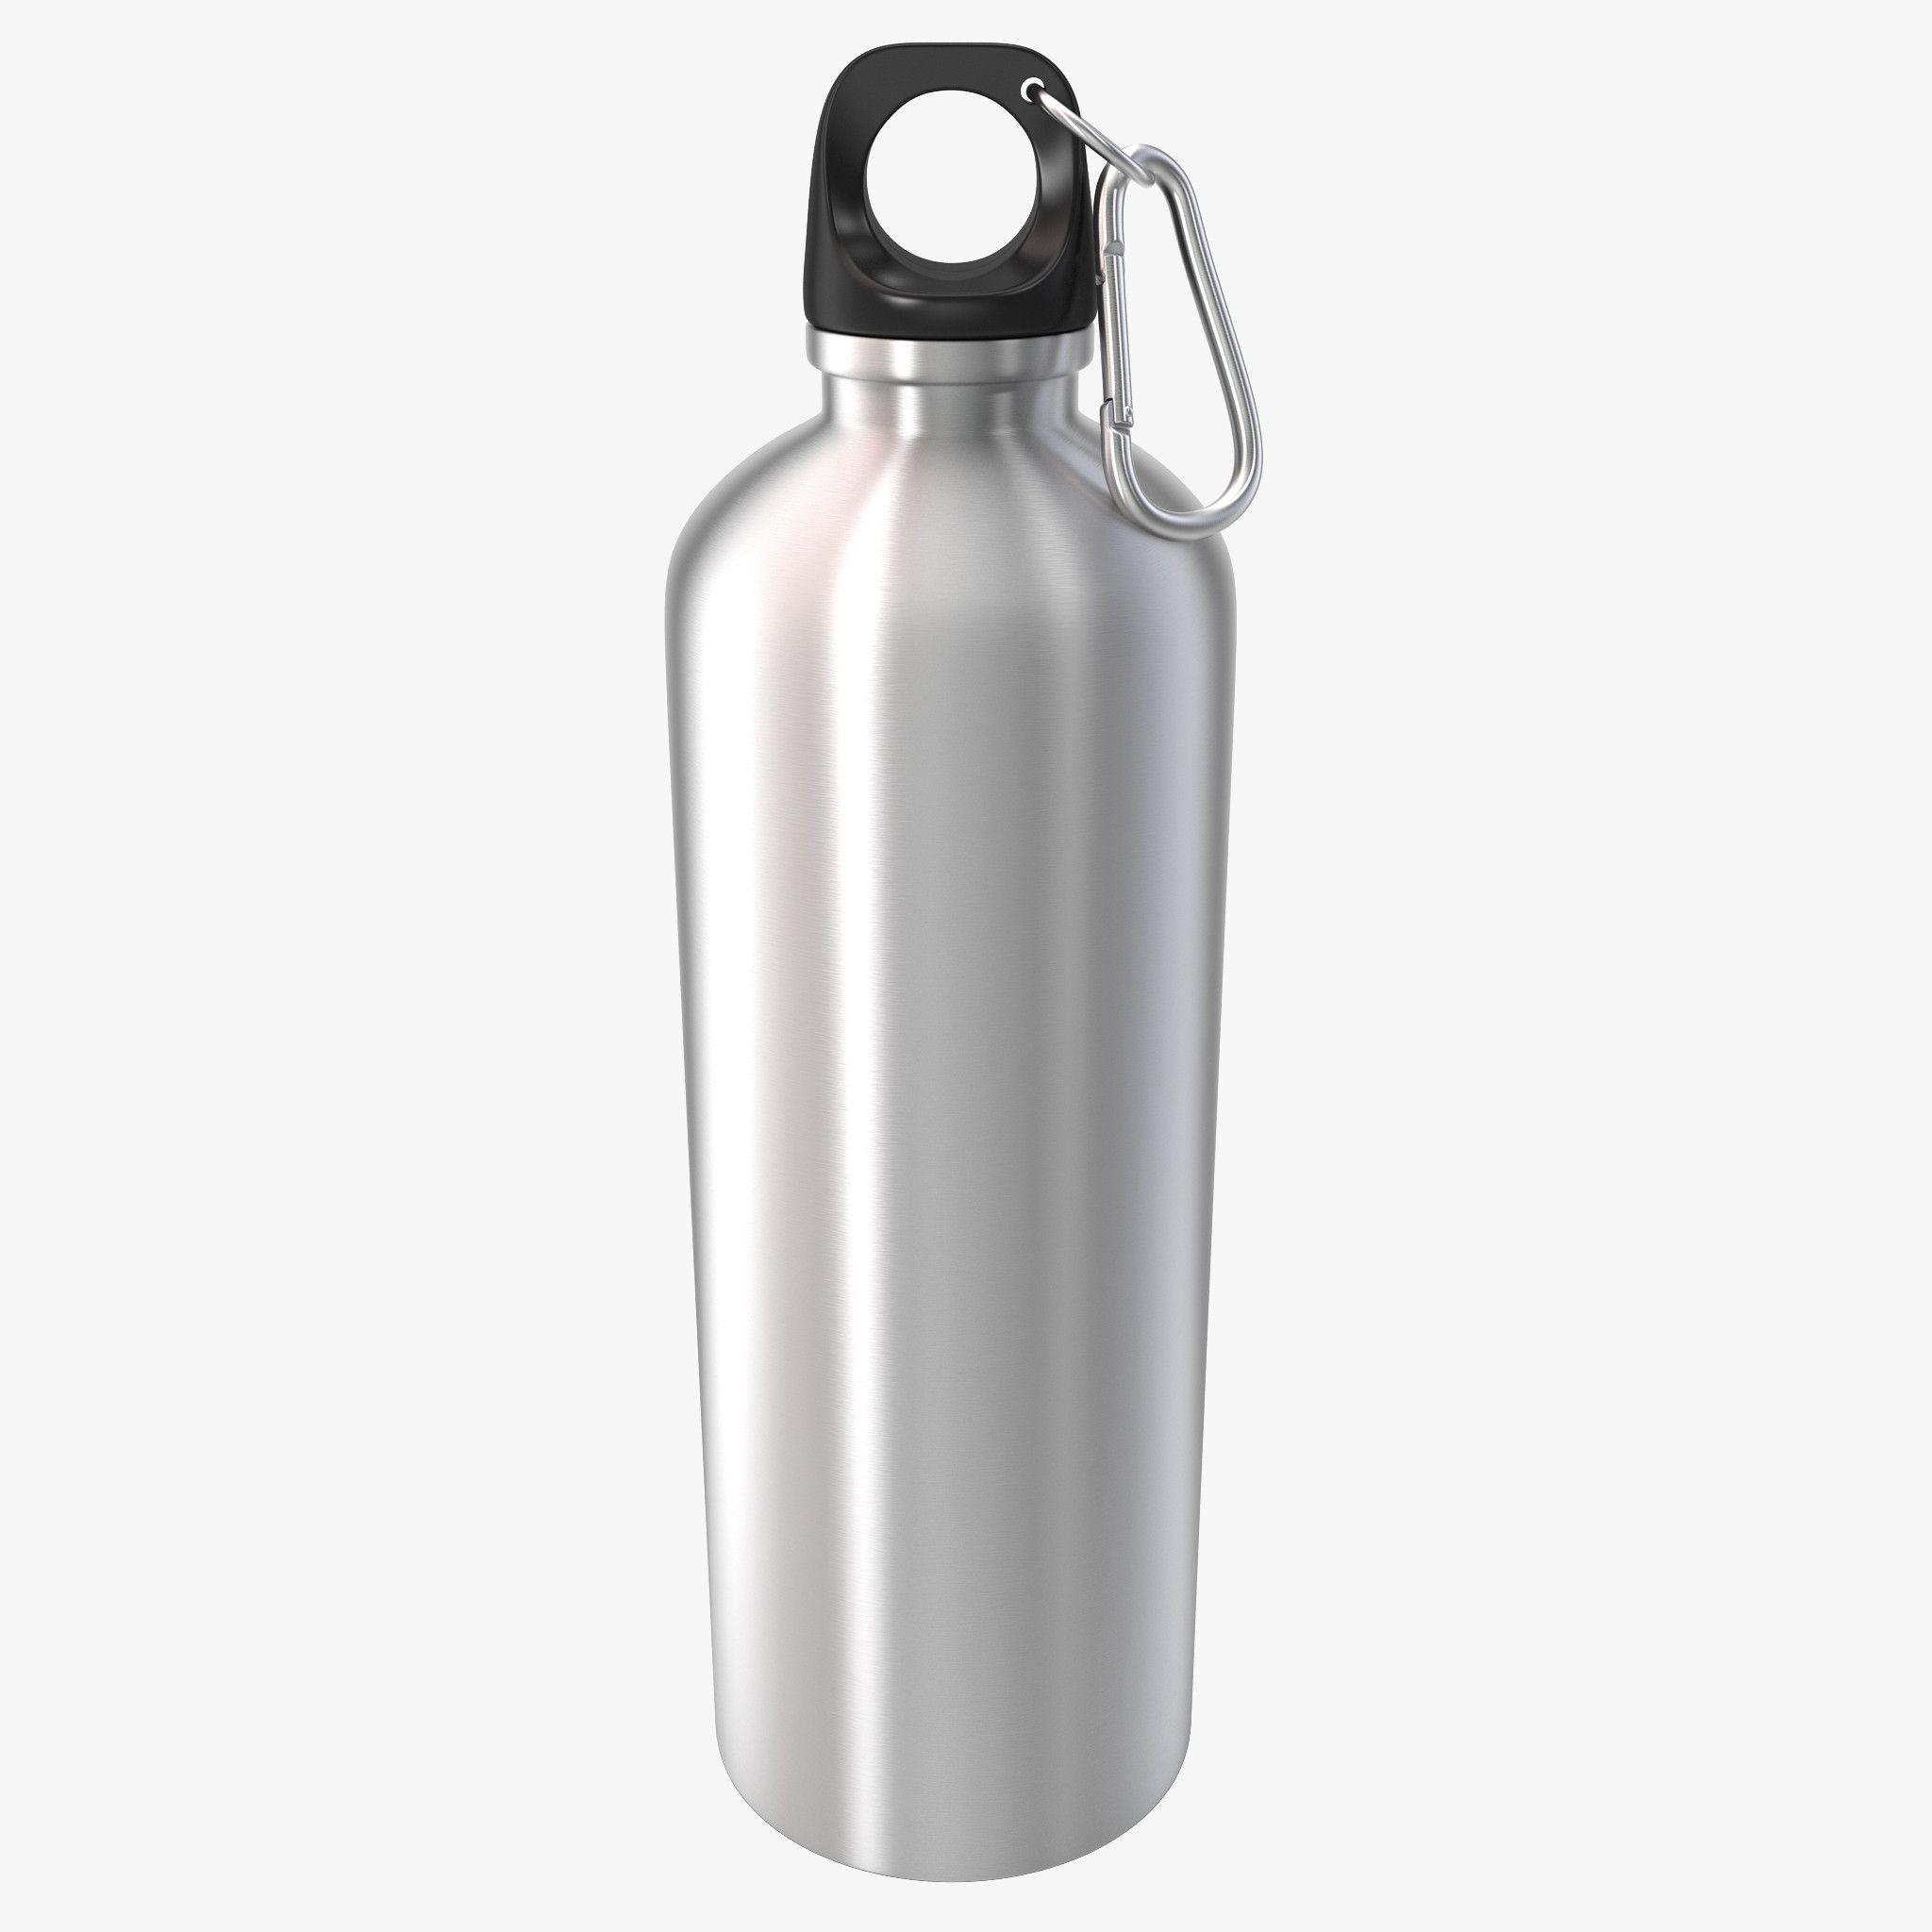 Reusable Water Bottles Reusable Aluminium Water Bottle